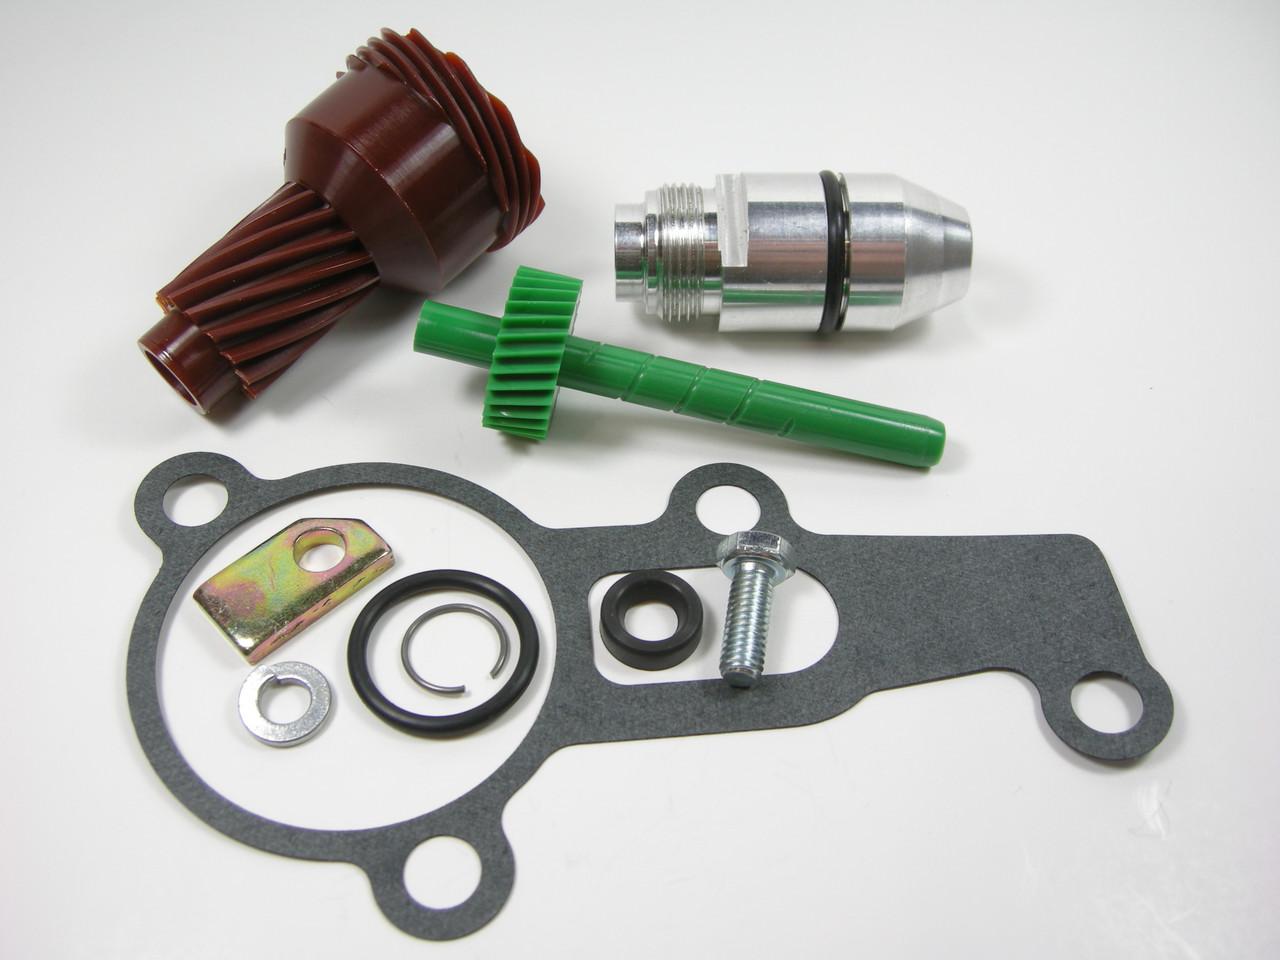 12 & 29 Tooth 2004R Complete Speedometer Kit w/ Gasket Gears Housing 200-4R